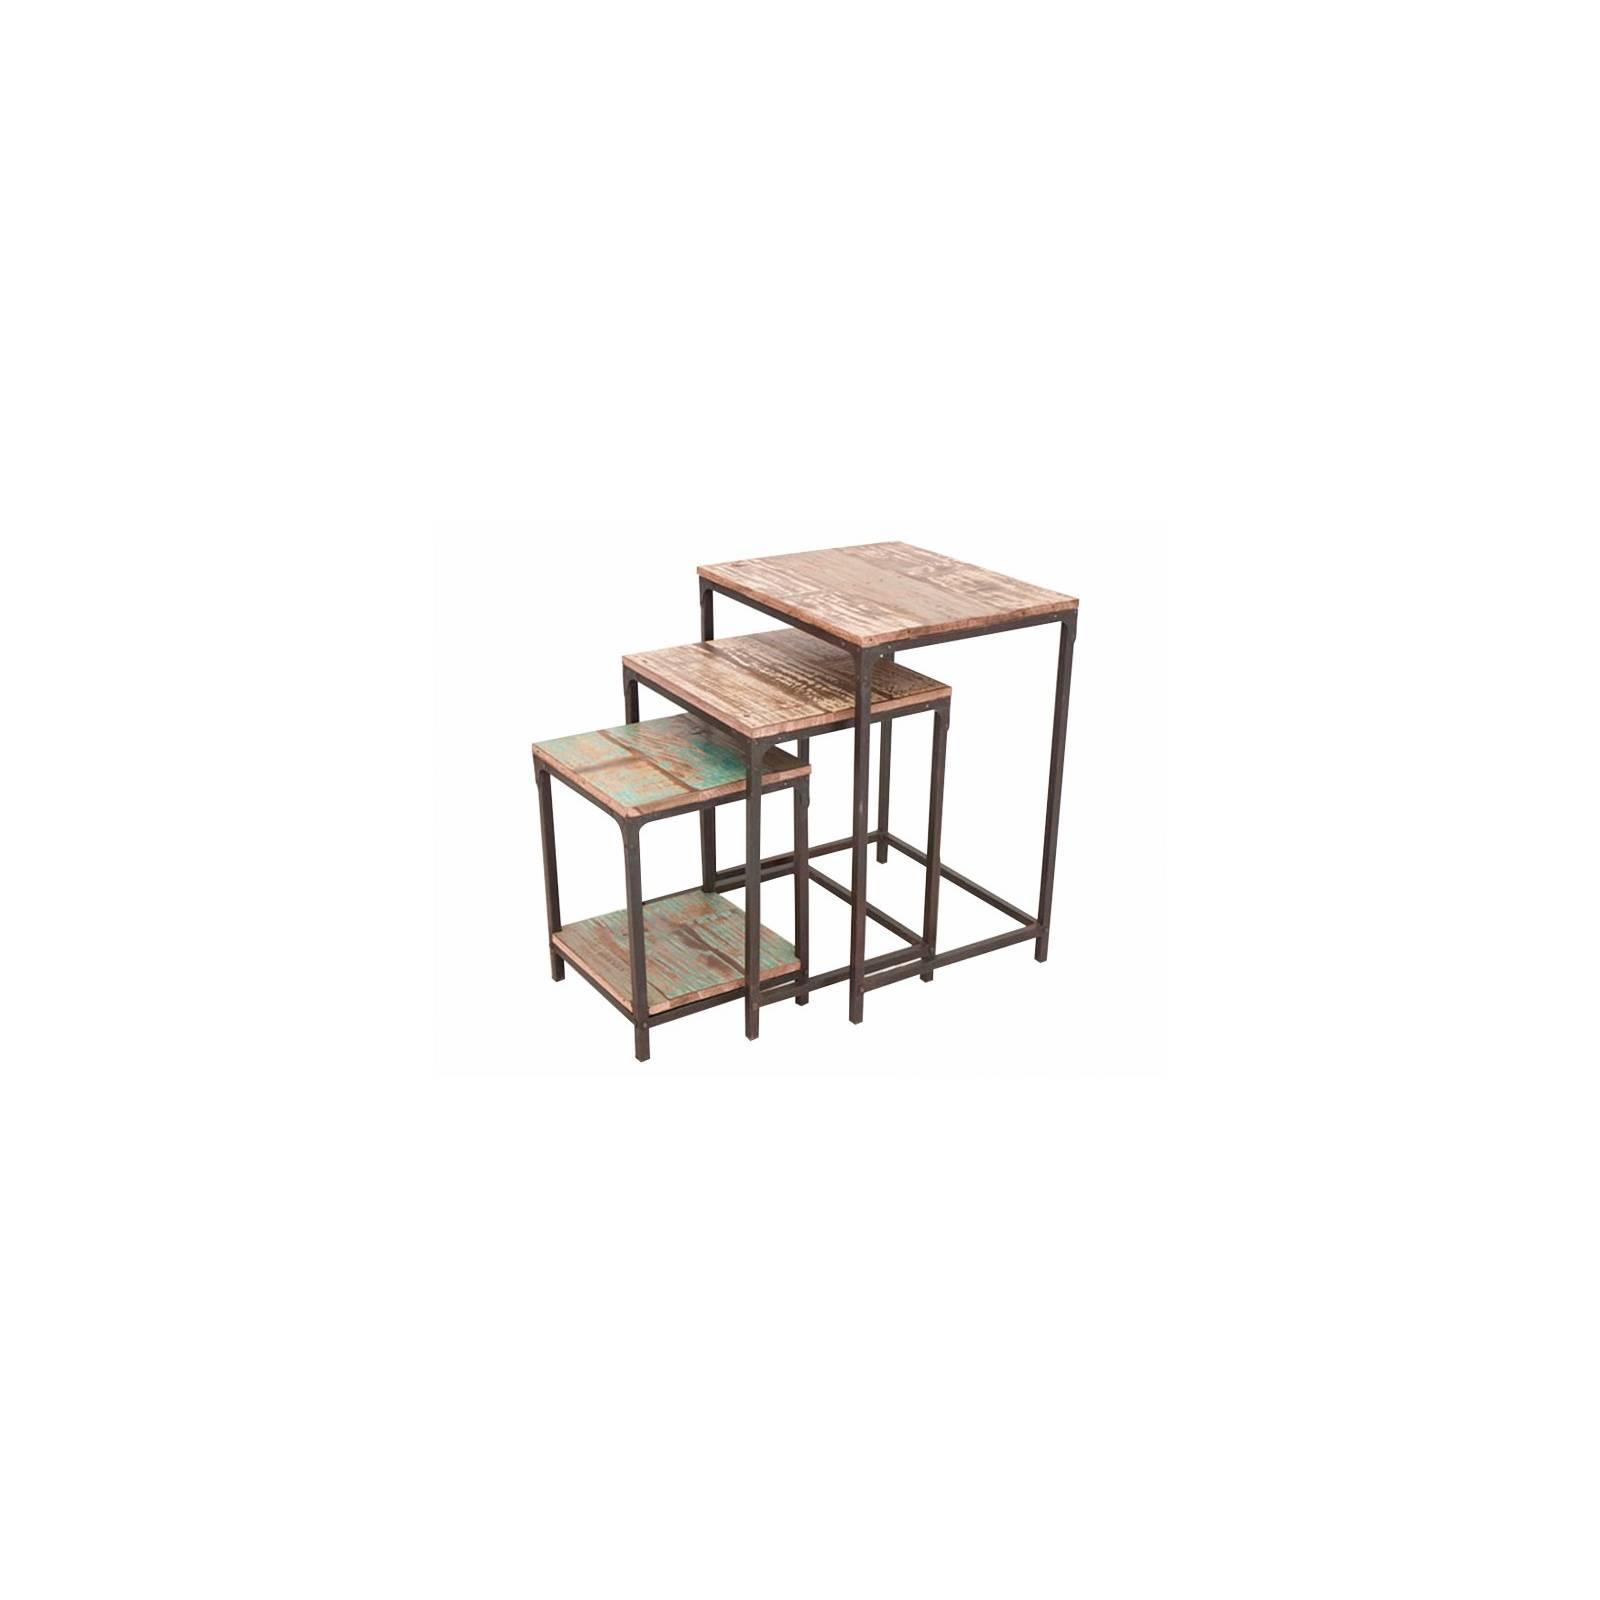 Sellettes Gigognes Butterfly Palissandre - meuble industriel en bois exotique